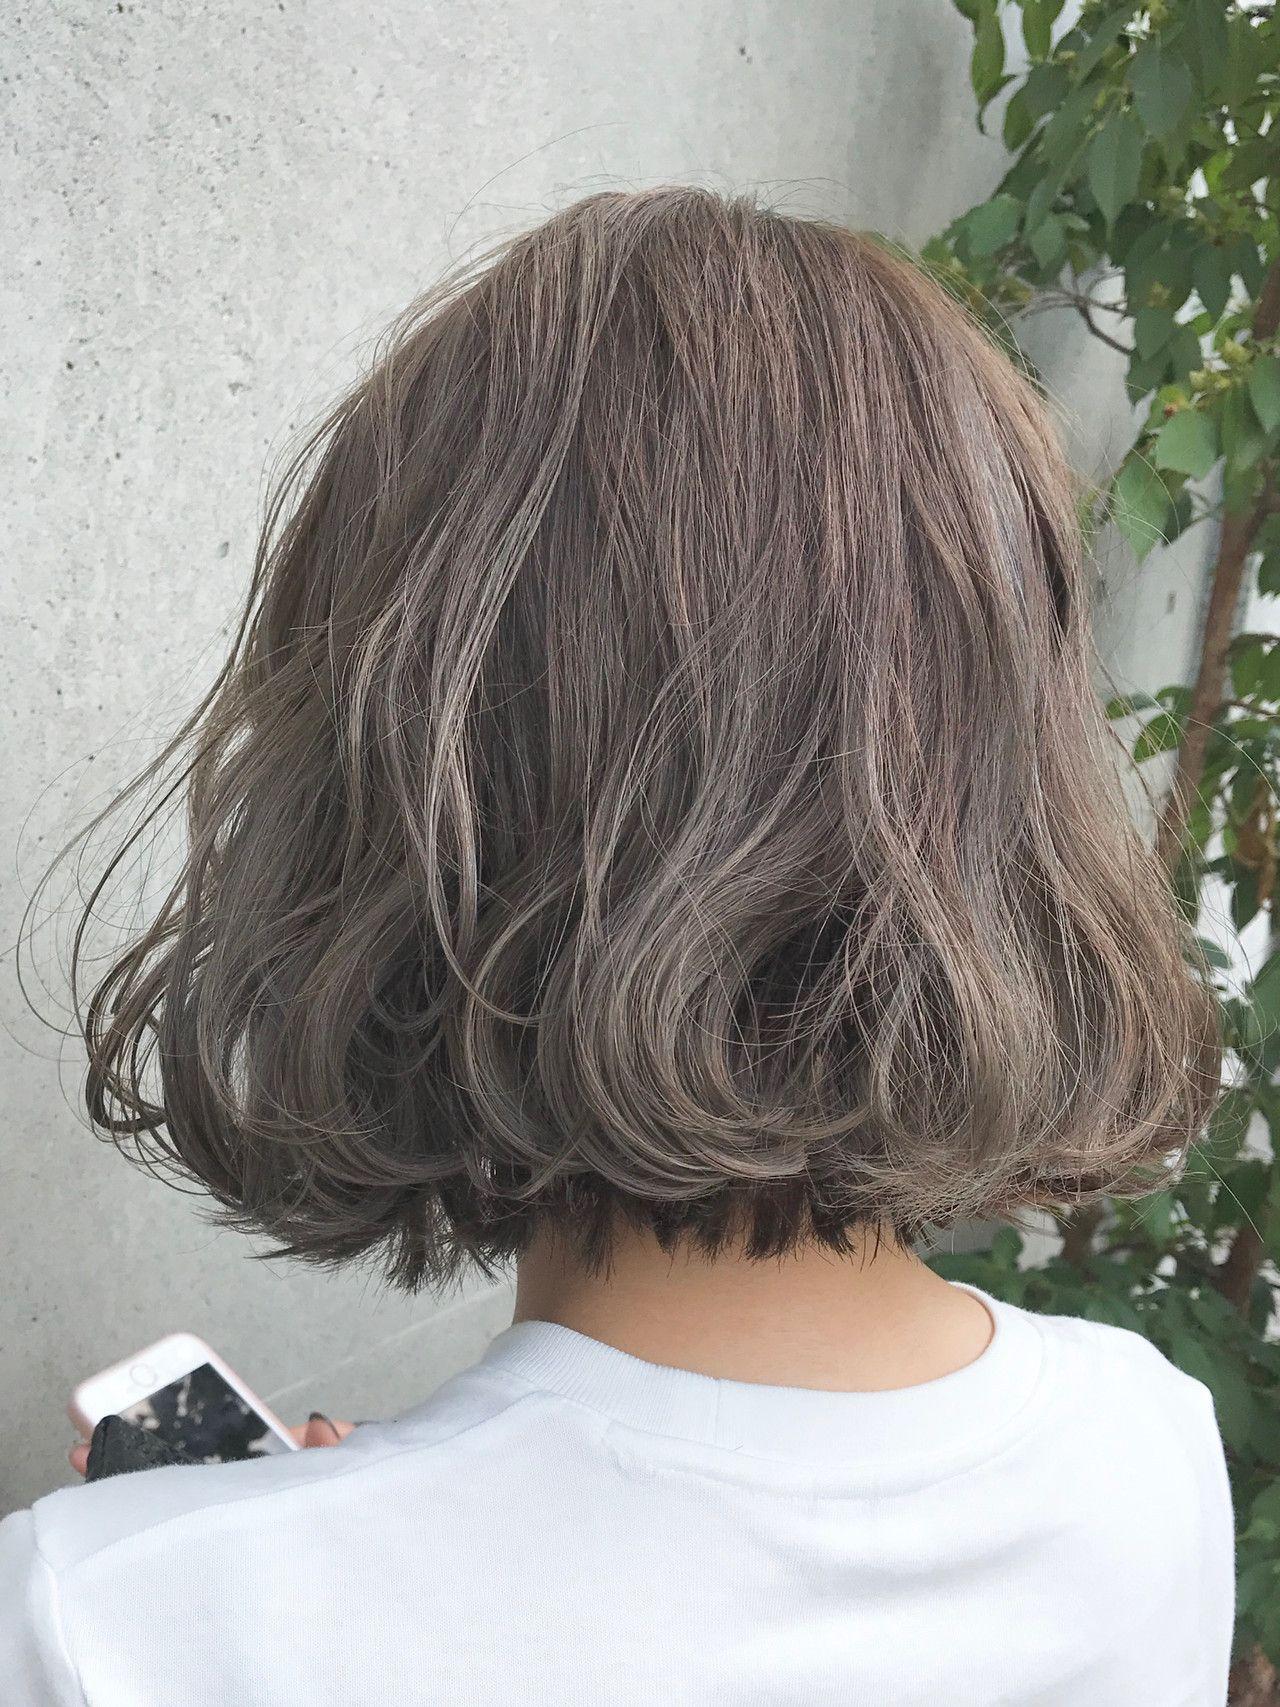 オリーブベージュハイライト 髪色 ベージュ ヘアスタイリング 切りっぱなし ボブ パーマ